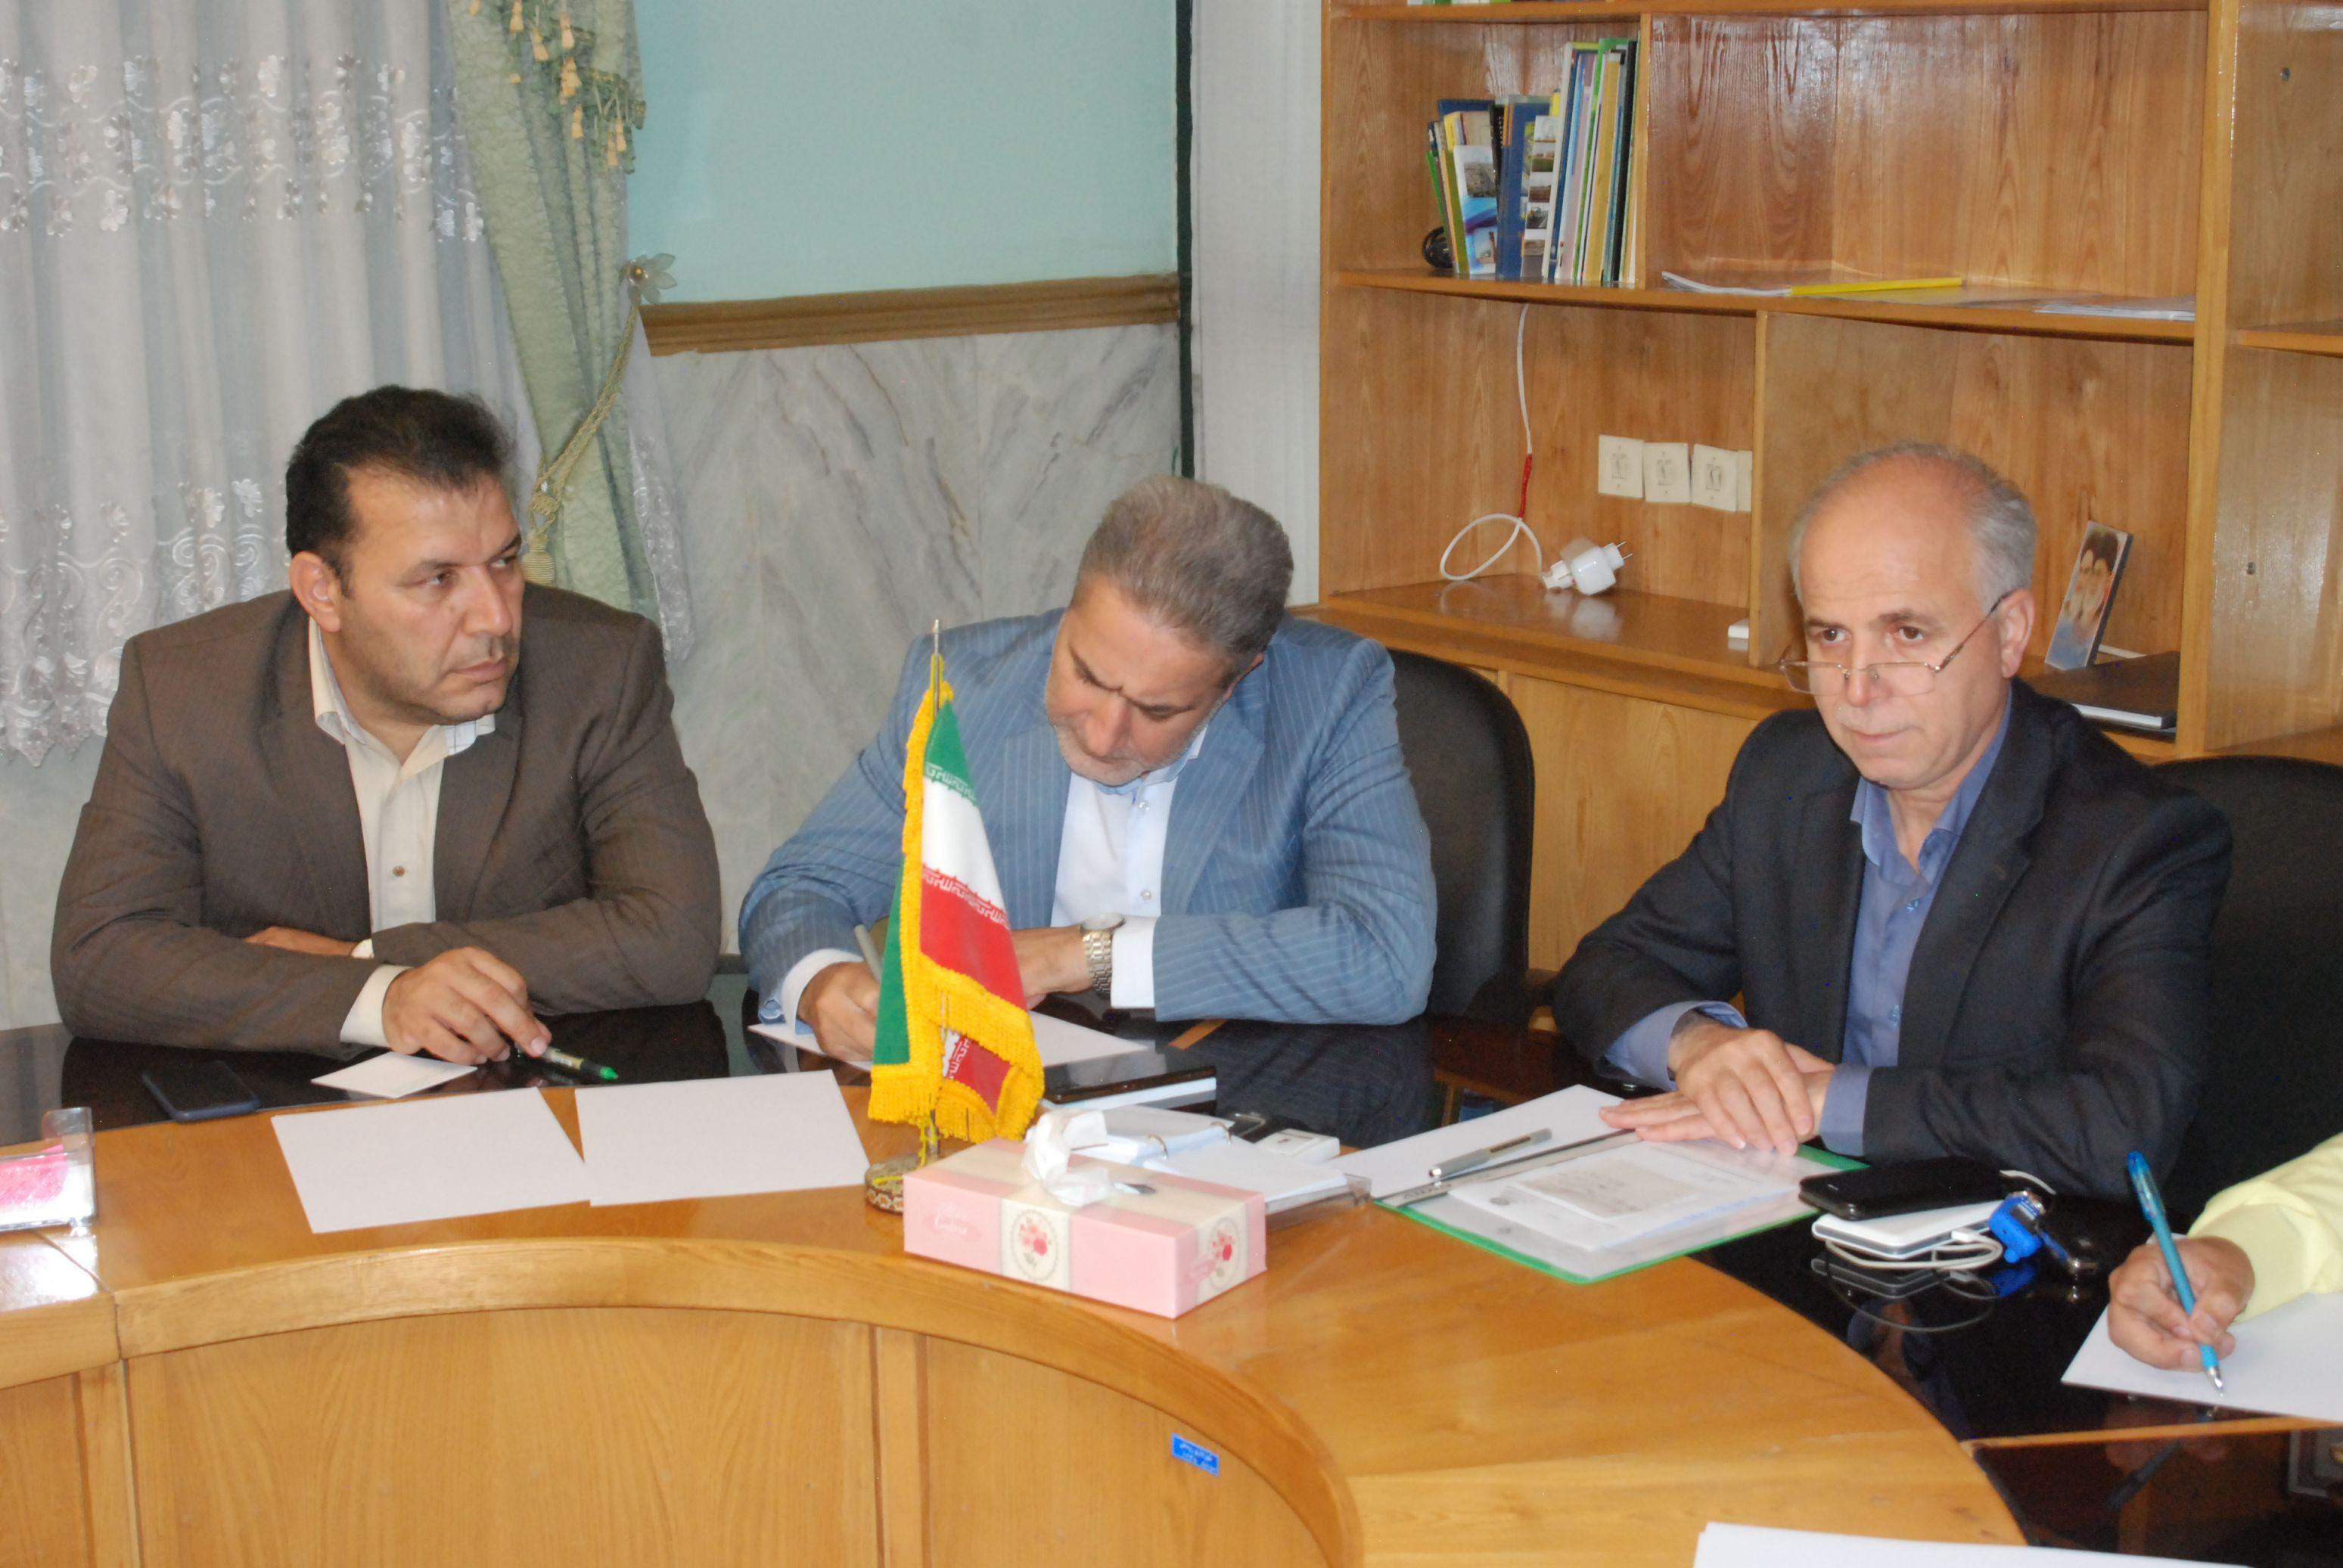 برگزاری نشست هماهنگی امور شهری و روستایی